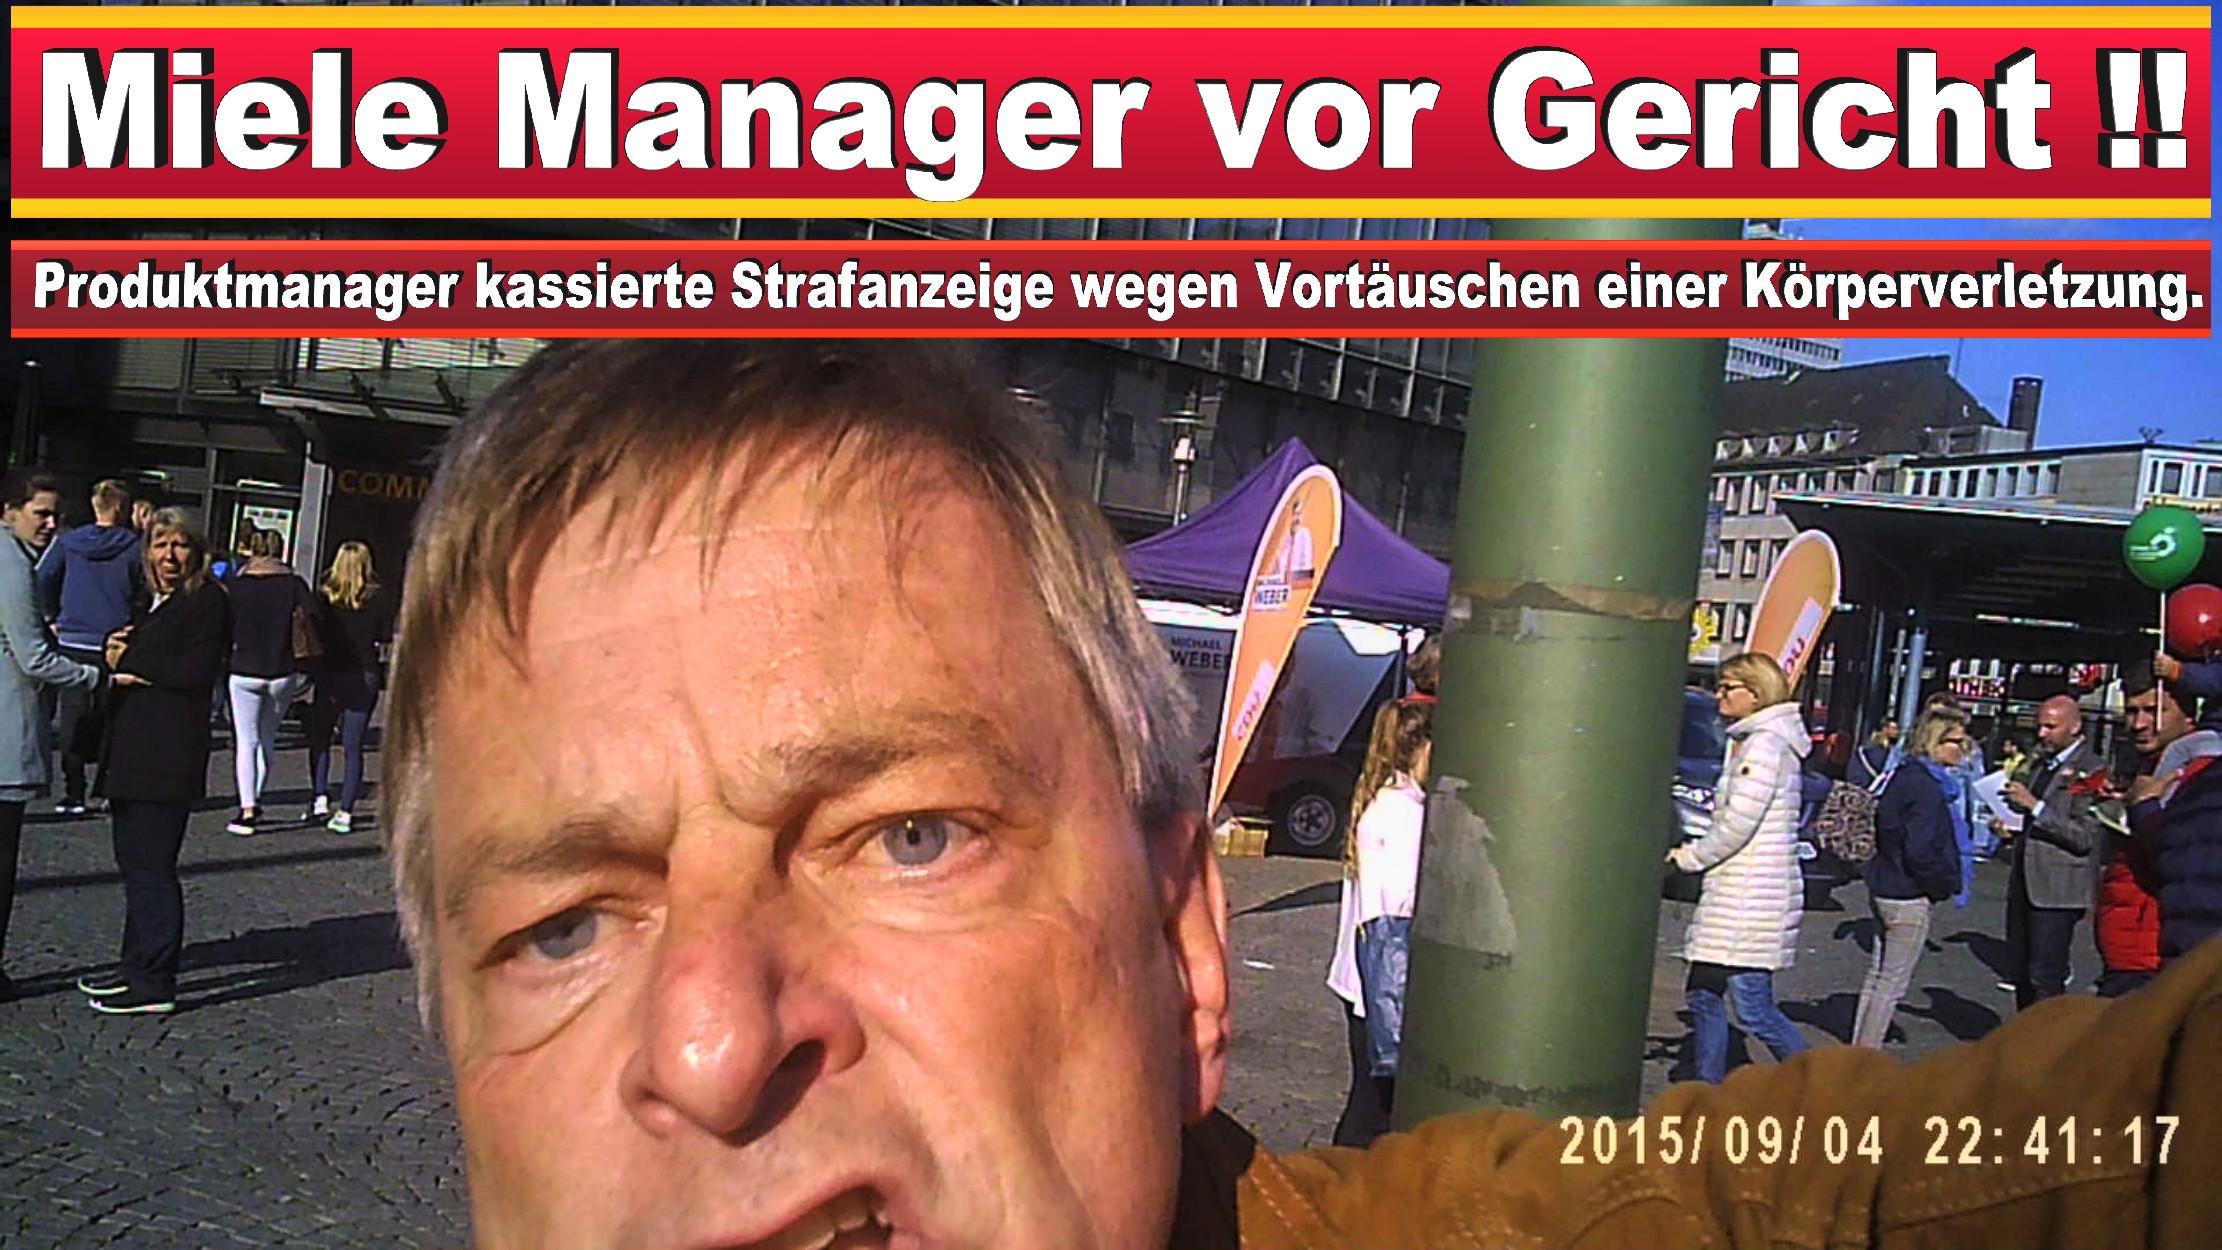 CDU BIELEFELD POLIZEIGEWALT GEWALTAUSBRUCH UND STRAFANZEIGE GEGEN EINEN JOURNALISTEN (18)